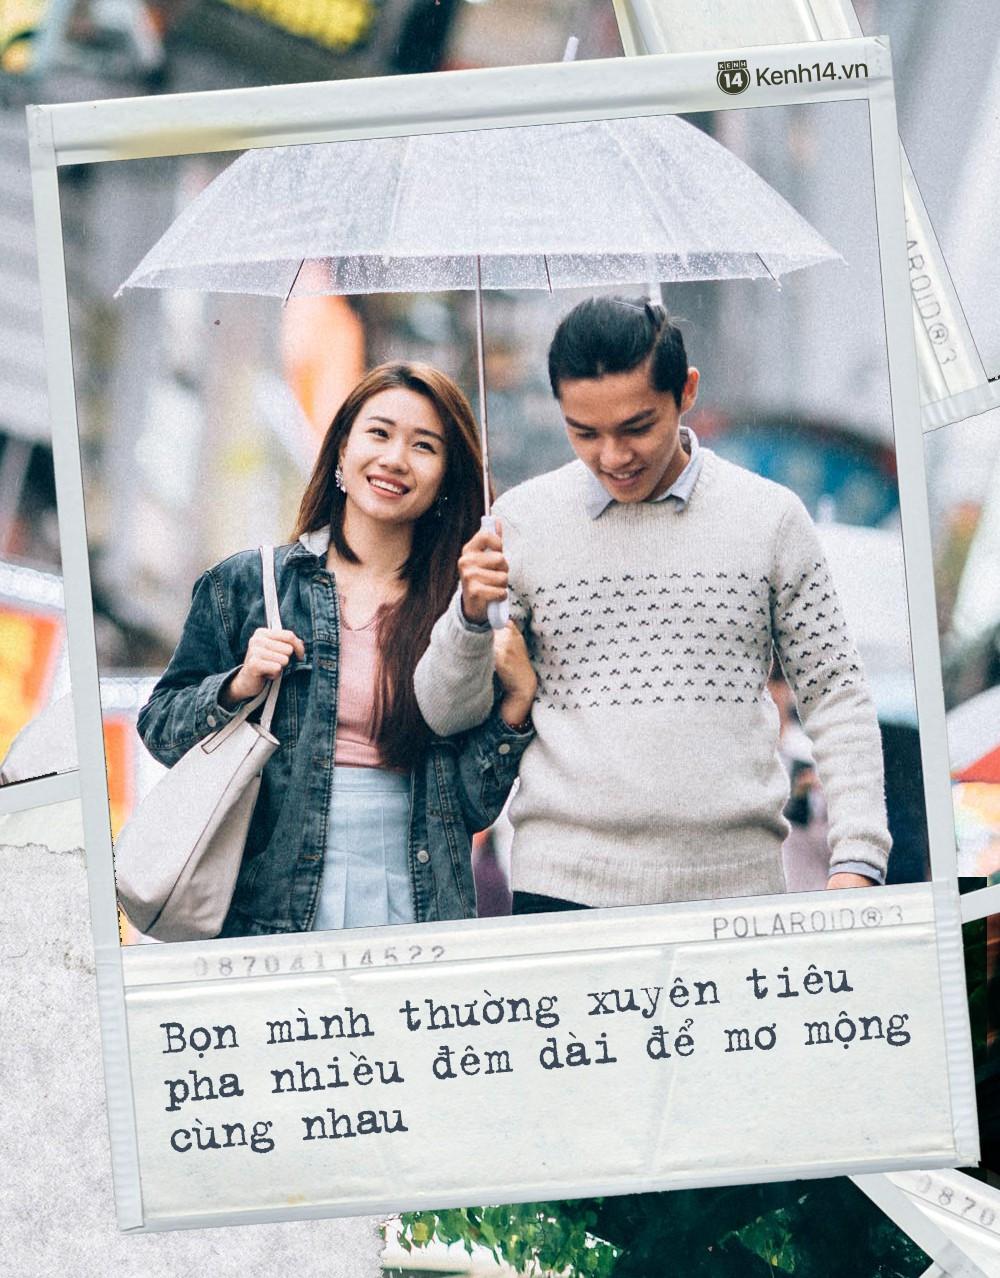 """5 năm yêu và đi của cặp DHS Việt tại Nhật: Bọn mình thường """"tiêu pha"""" nhiều đêm dài để mơ mộng cùng nhau - Ảnh 4."""